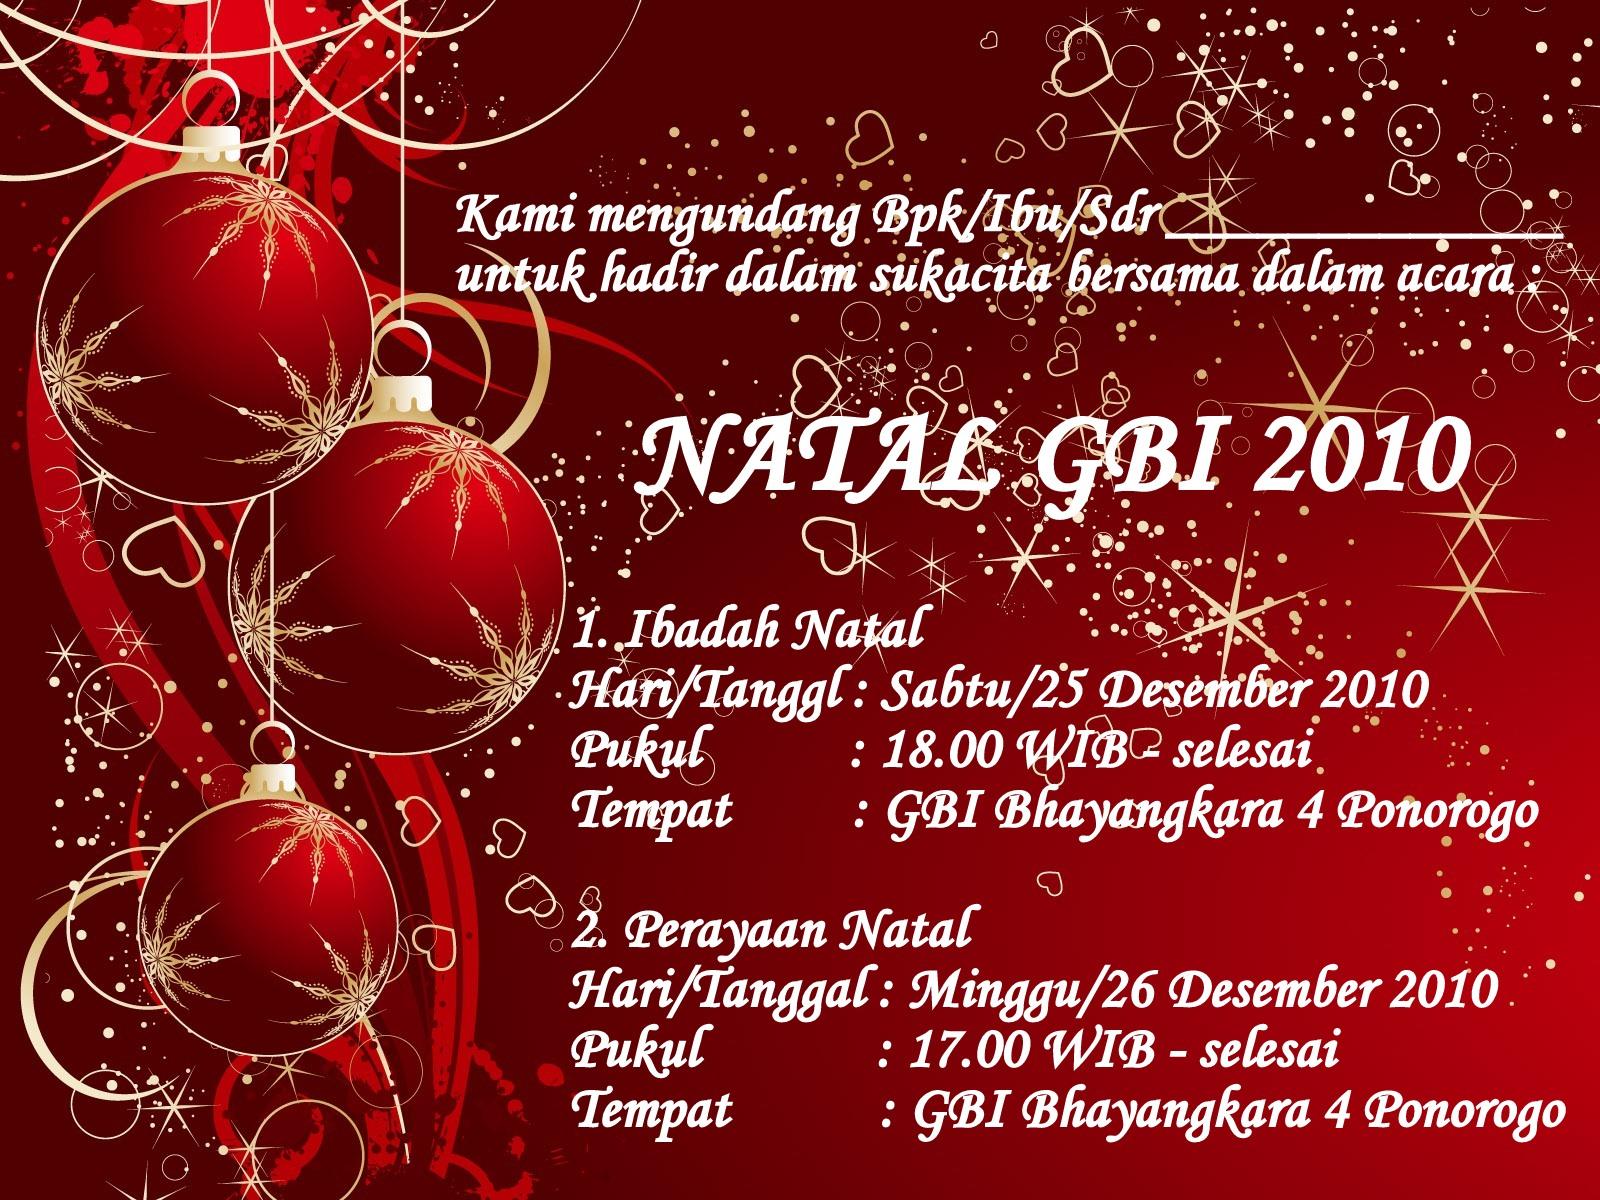 Gereja Bethel Indonesia Ponorogo Acara Natal 2010 GBI